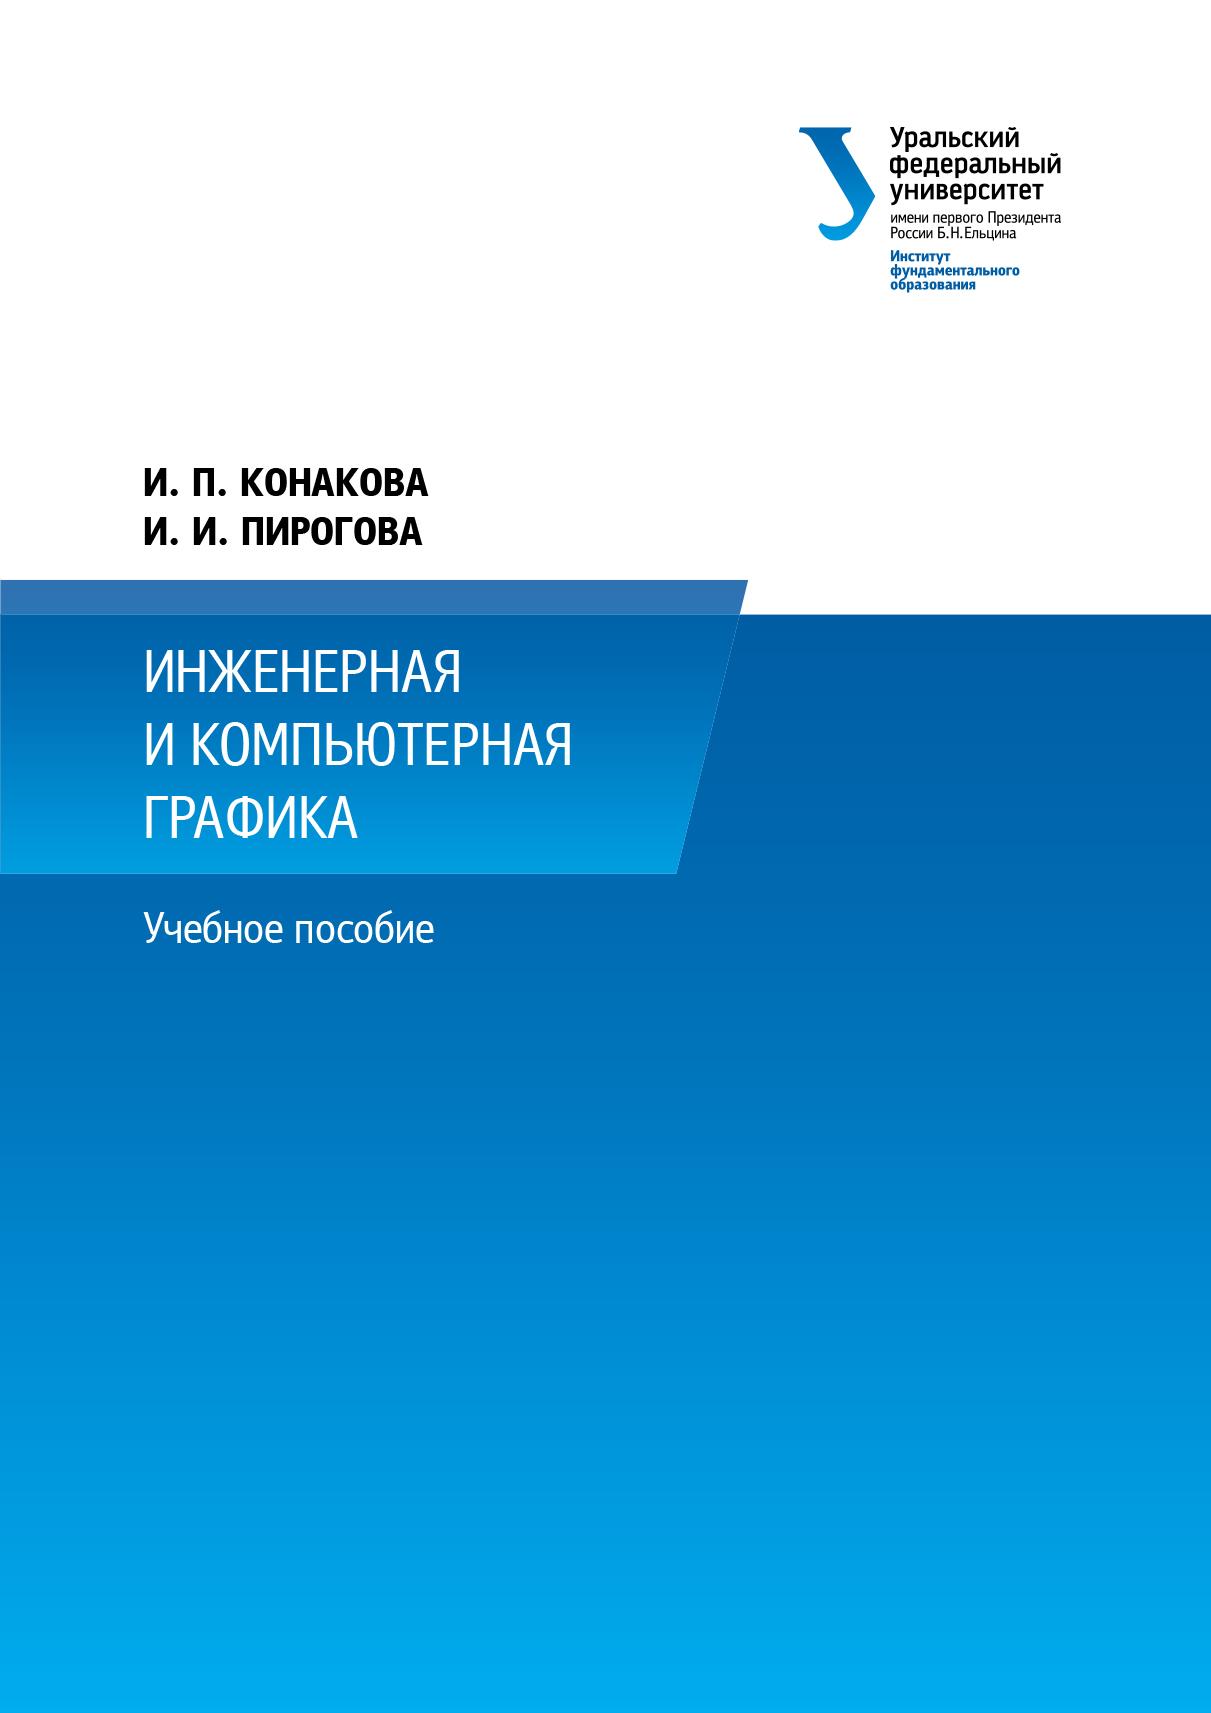 И. П. Конакова Инженерная и компьютерная графика график работы коламбуса на пражской